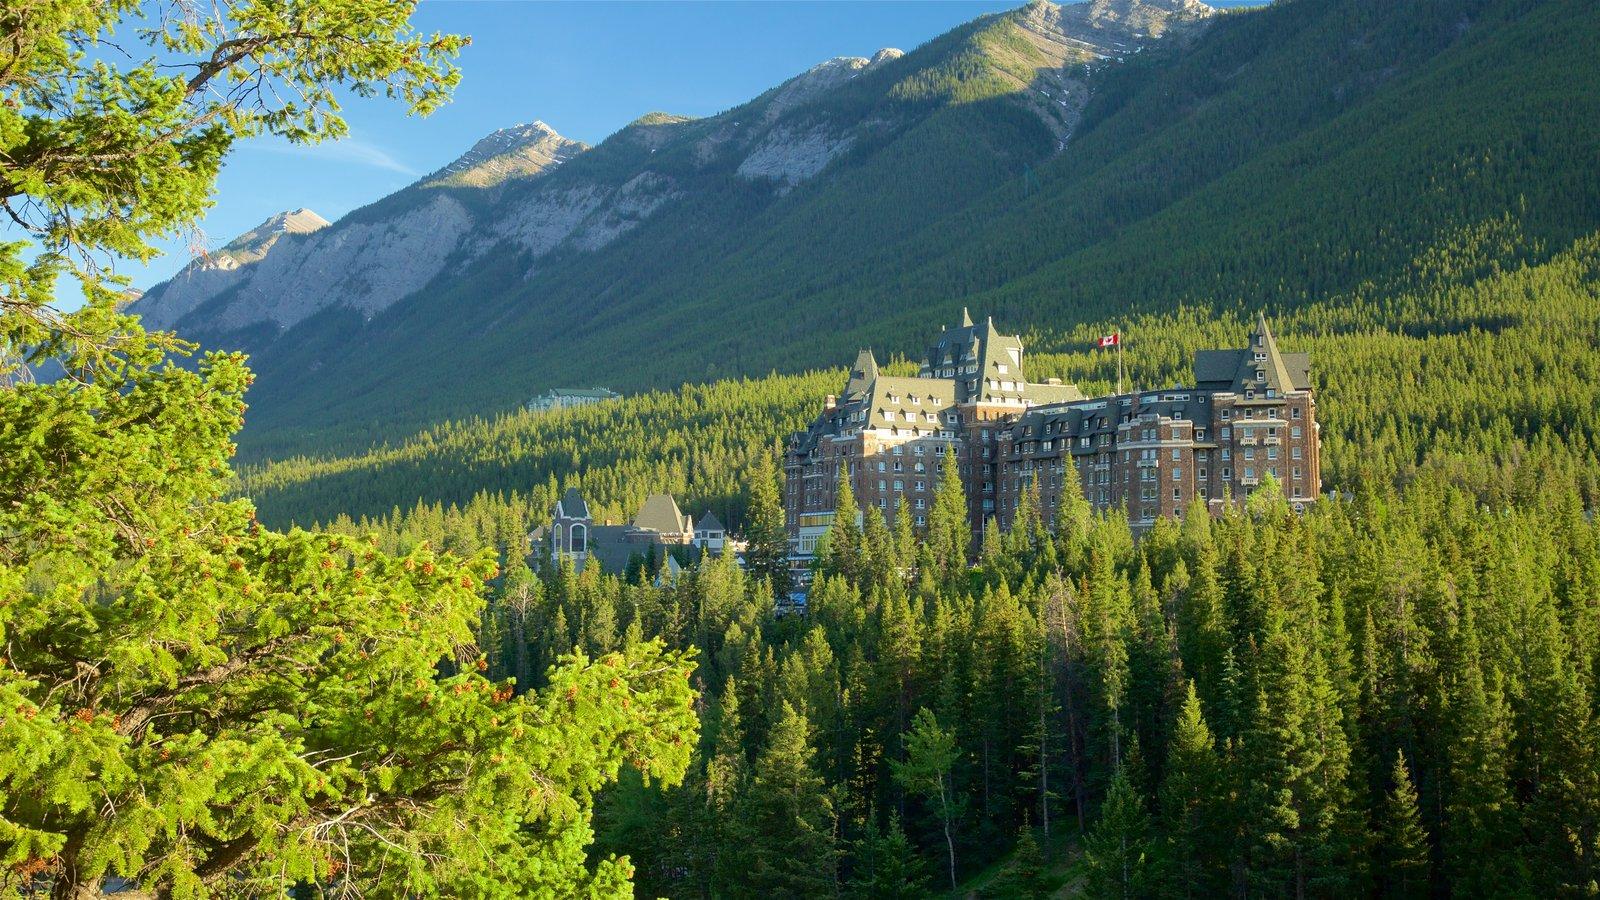 Parque nacional Banff que incluye bosques y escenas tranquilas